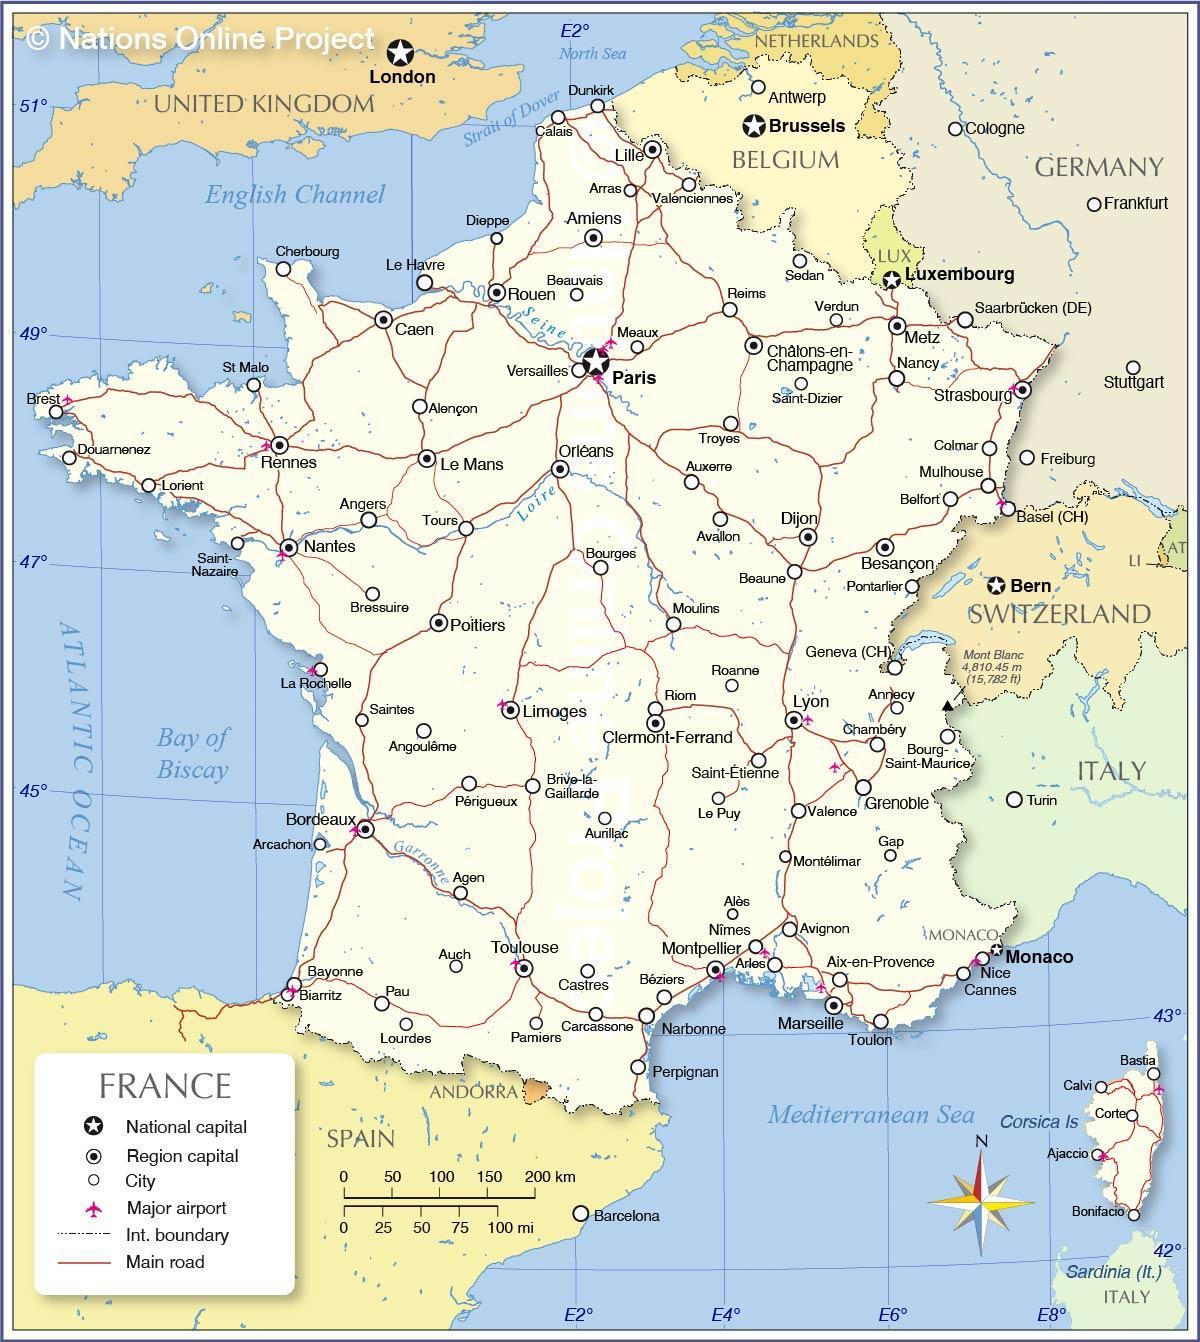 flyplasser i frankrike kart Internasjonale flyplasser i Frankrike kart   Frankrike flyplasser  flyplasser i frankrike kart